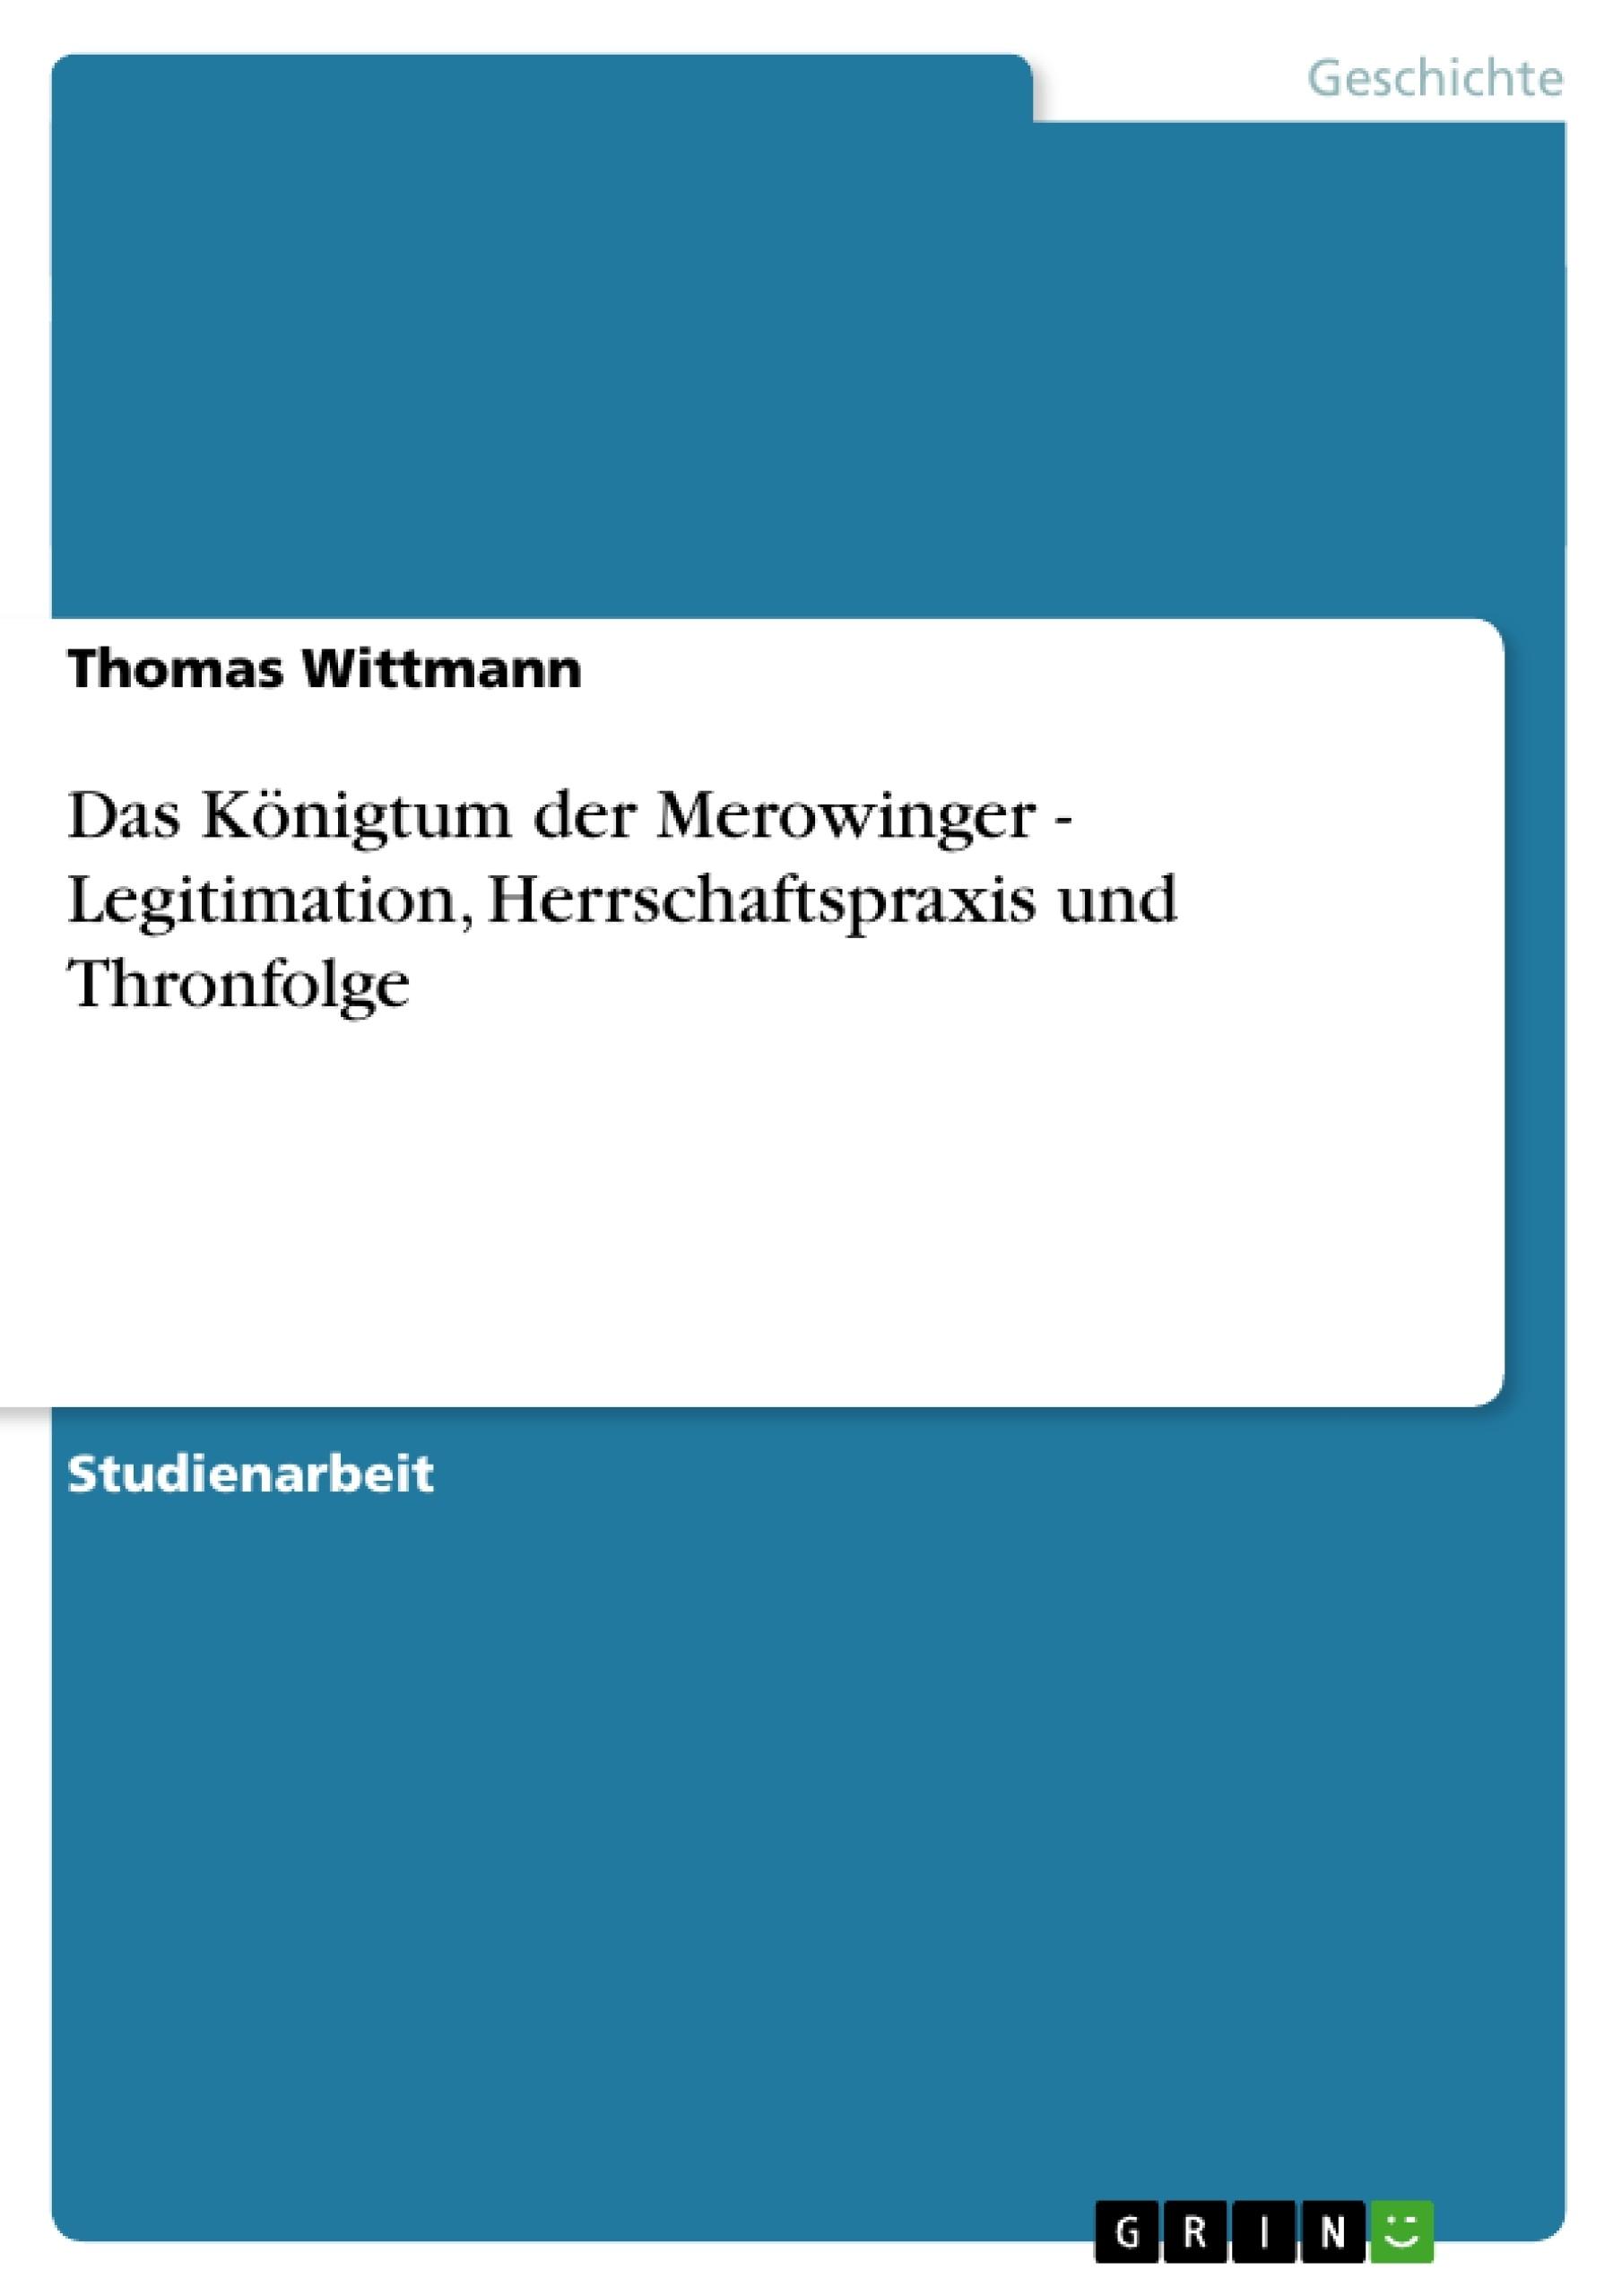 Titel: Das Königtum der Merowinger - Legitimation, Herrschaftspraxis und Thronfolge